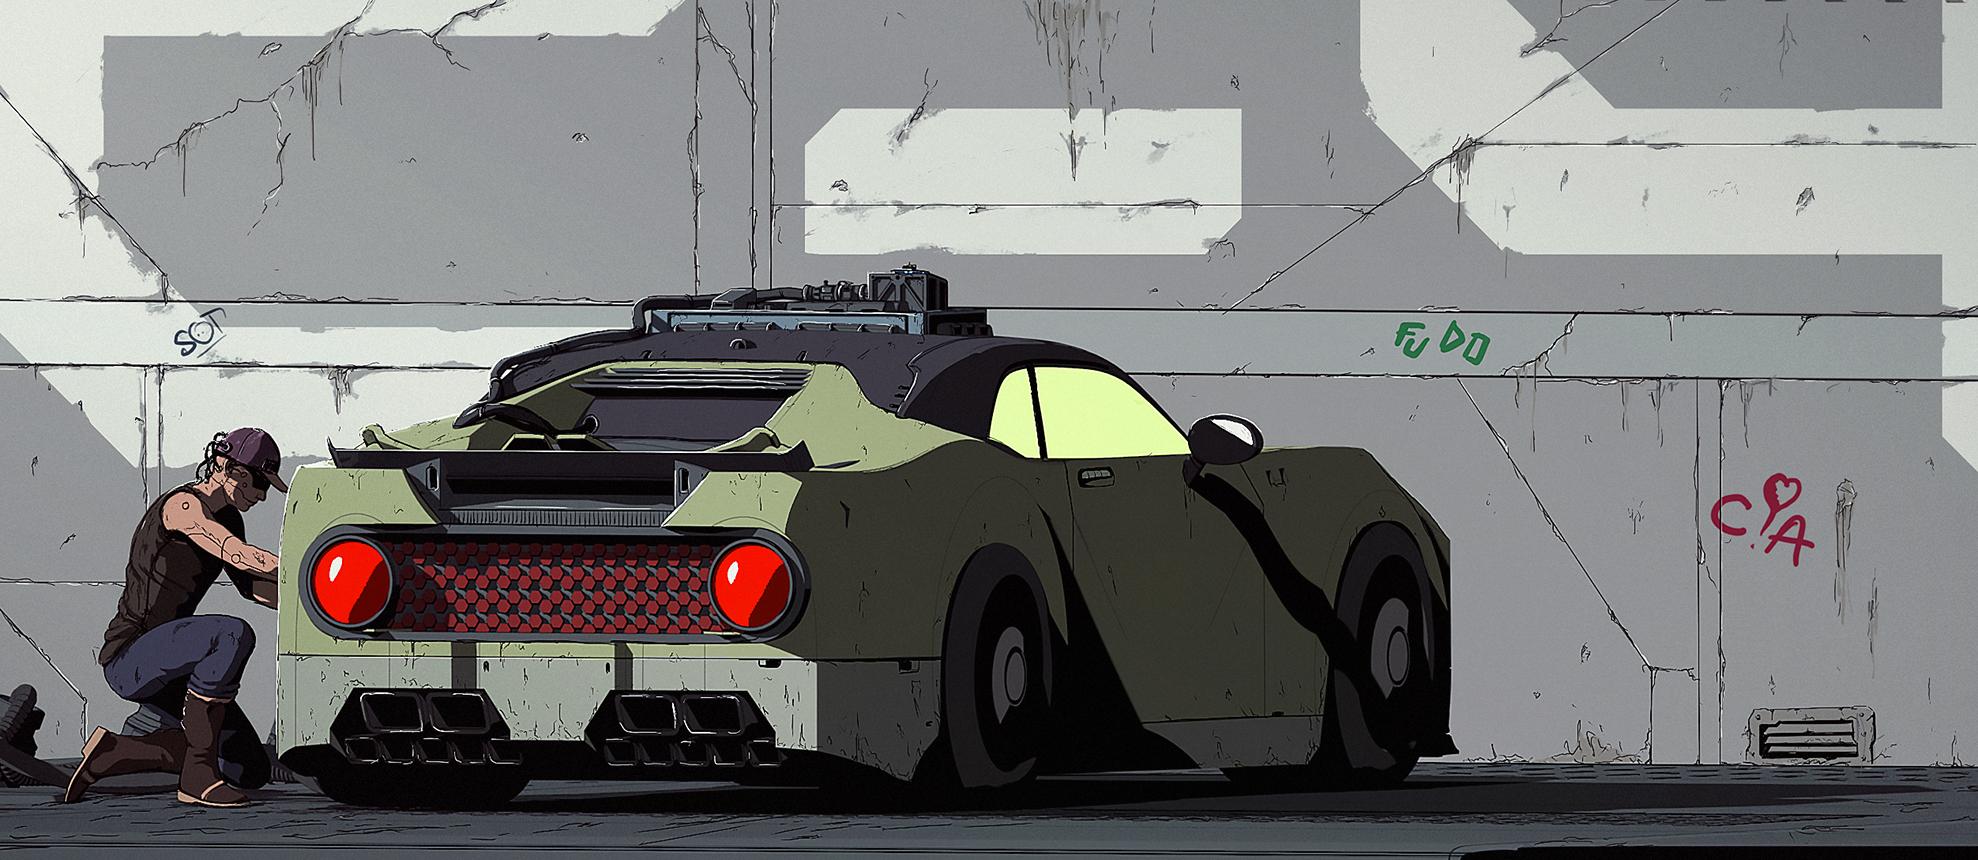 Car 07 Back comics